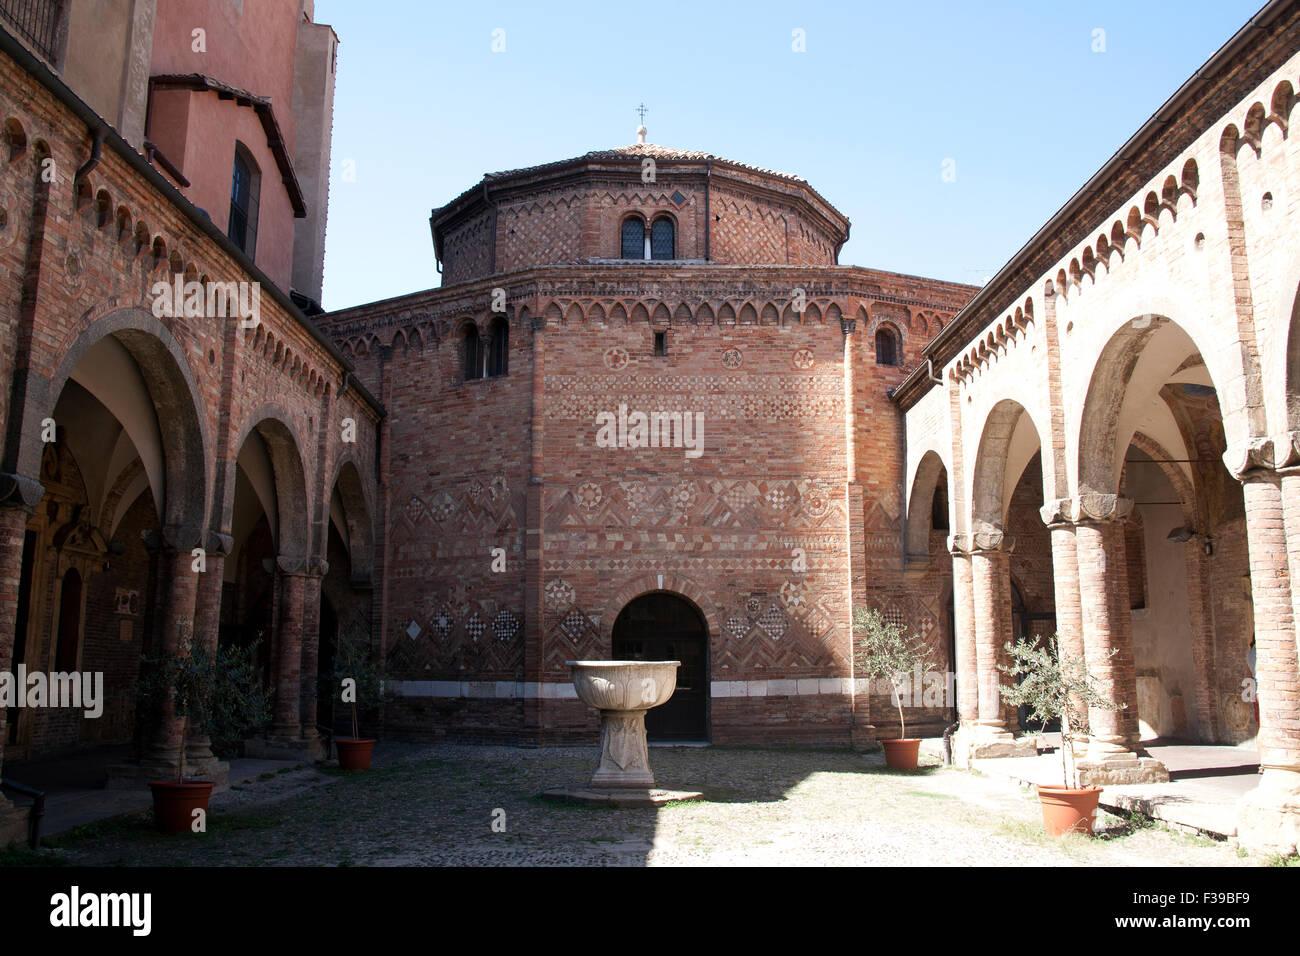 Il cortile delle Sette Chiese - Sette Chiese - di Piazza Santo Stefano Bologna Italia Immagini Stock